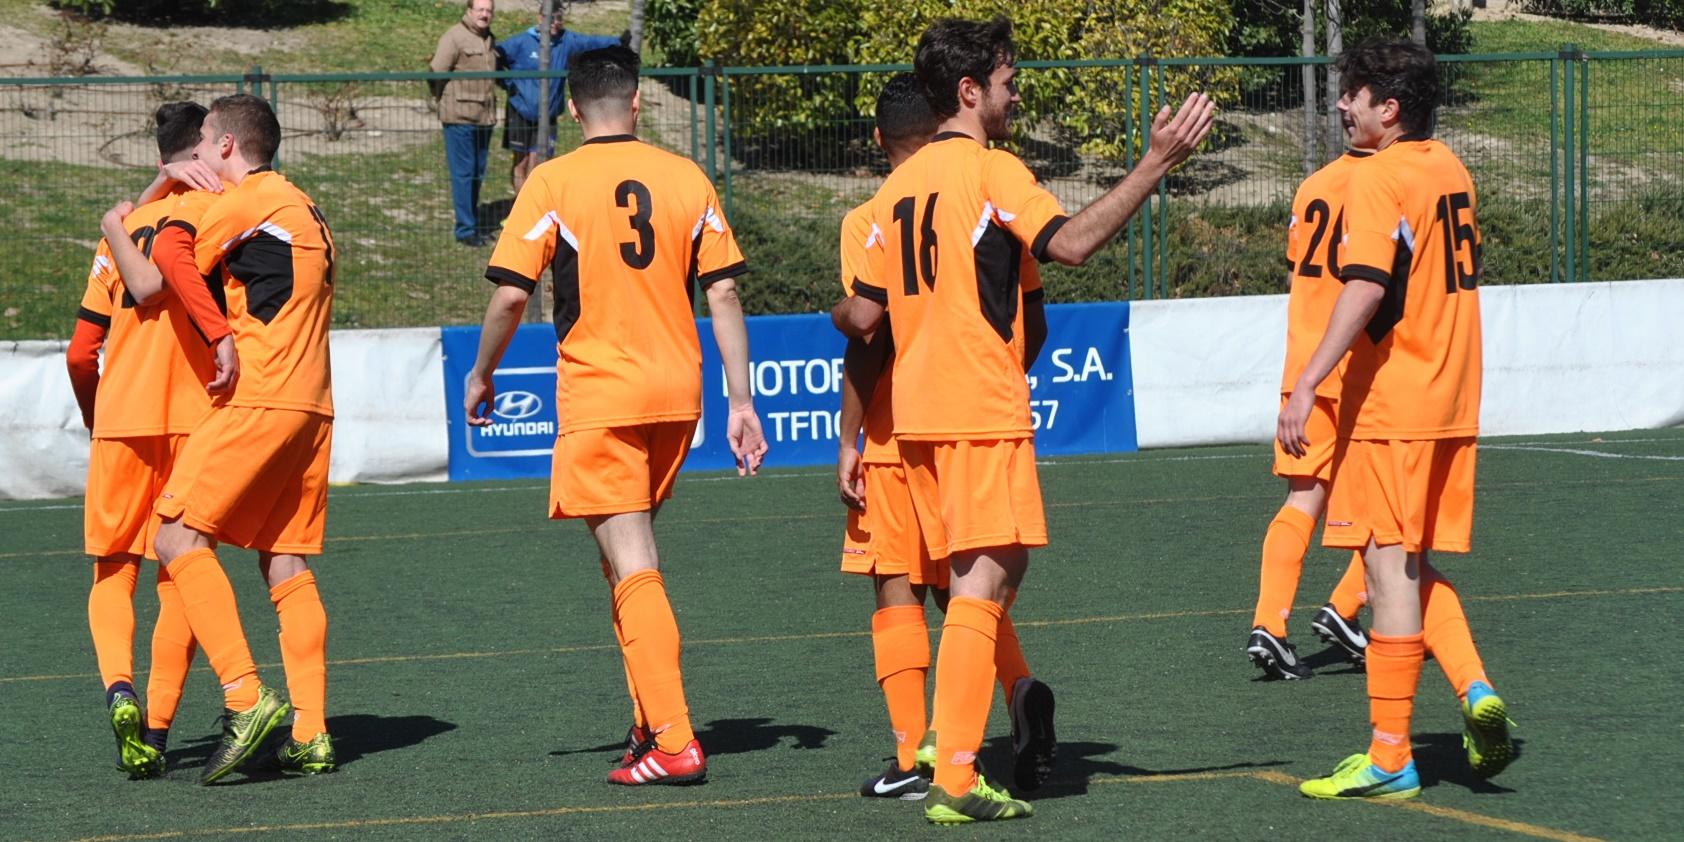 Tres jugadores del Juvenil A y uno del Aficionado B harán la pretemporada con el Primer Equipo